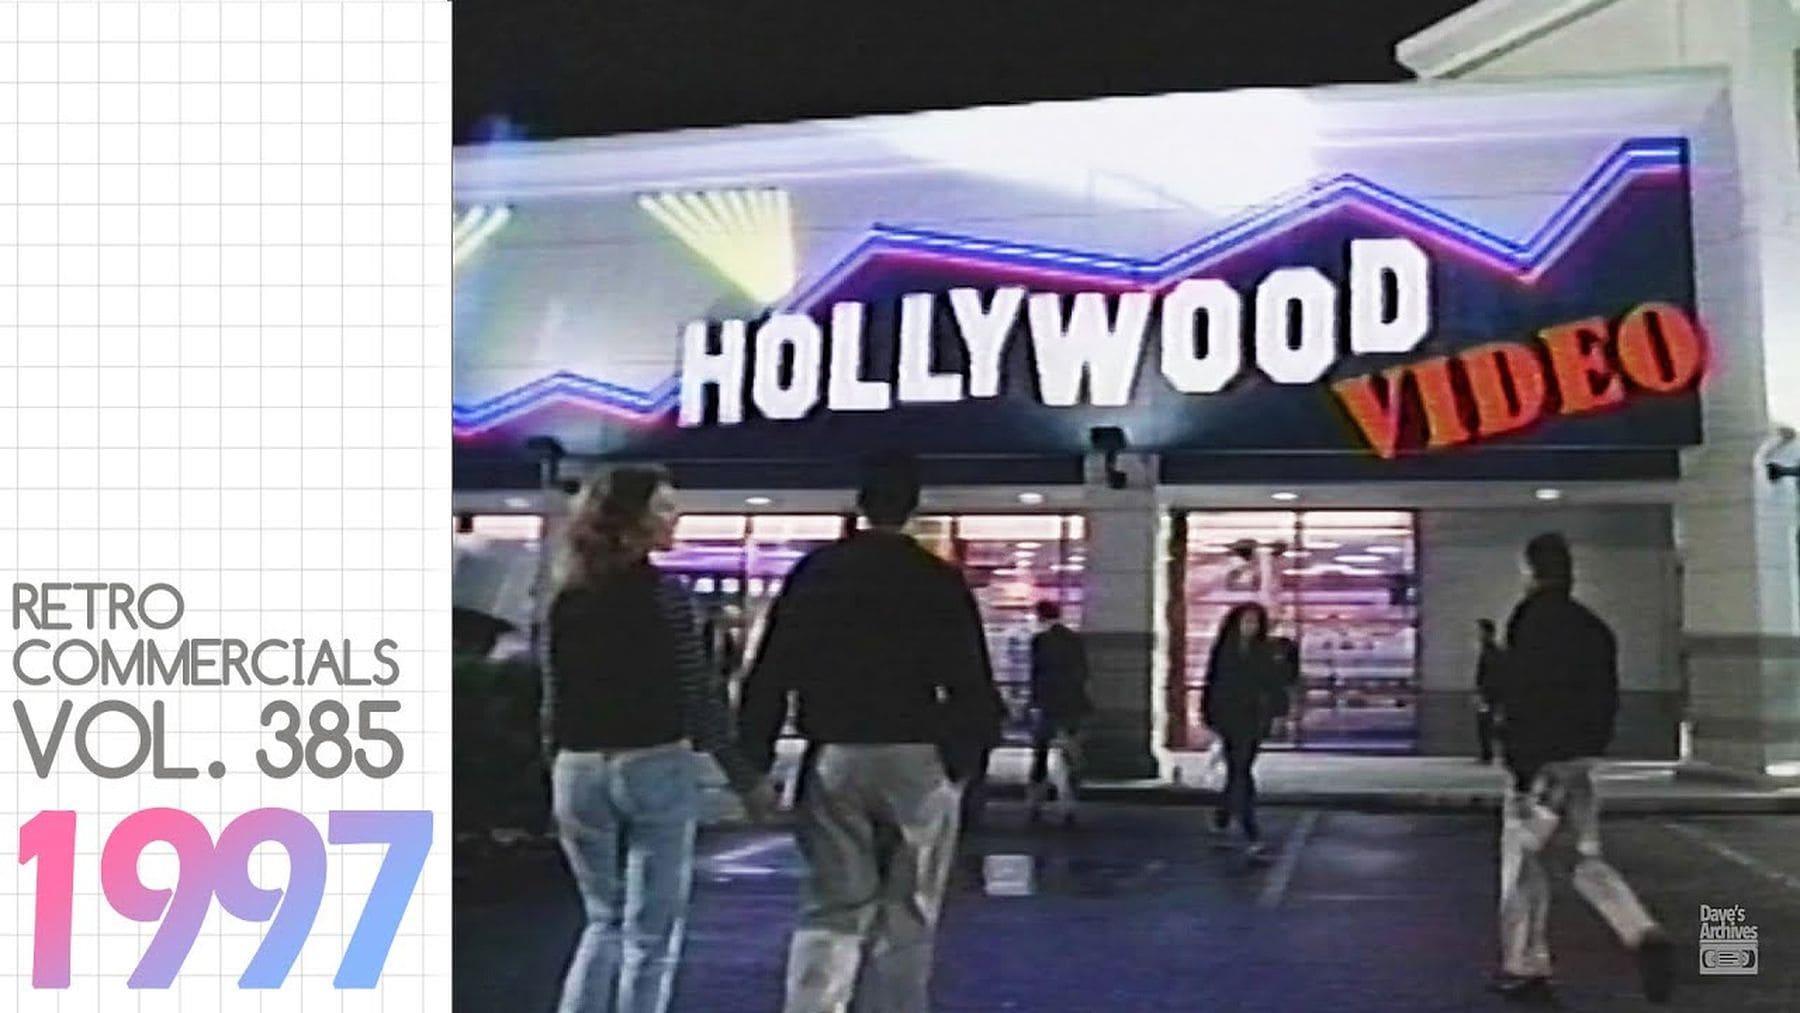 Retro-Werbung von 1997 | Zeitgeschichte | Was is hier eigentlich los?